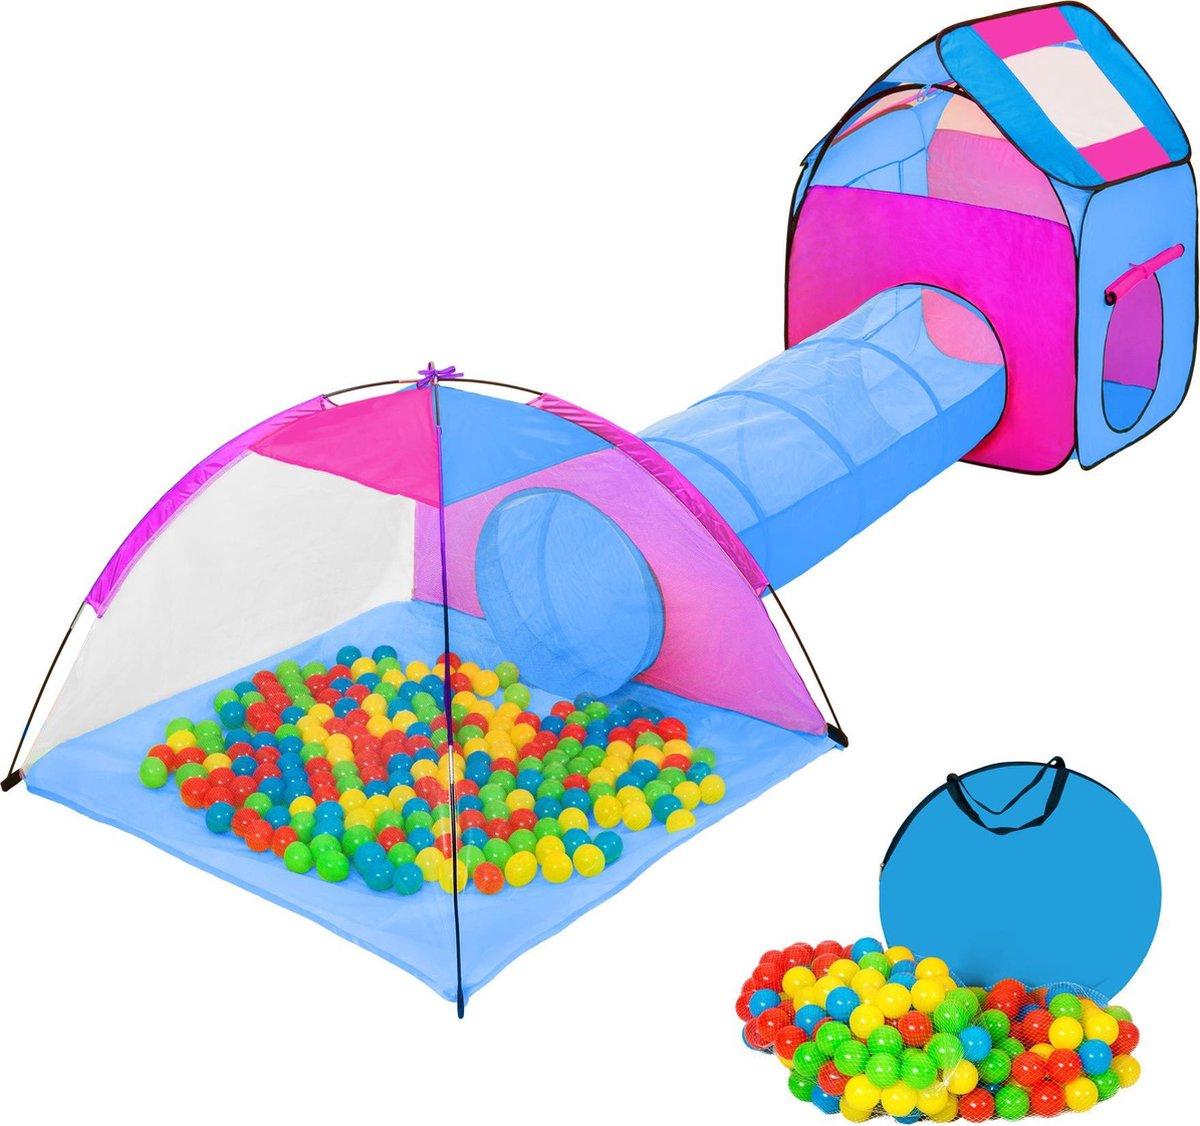 TecTake Iglo kindertent met ballenbak en speeltunnel - Blauw:paars